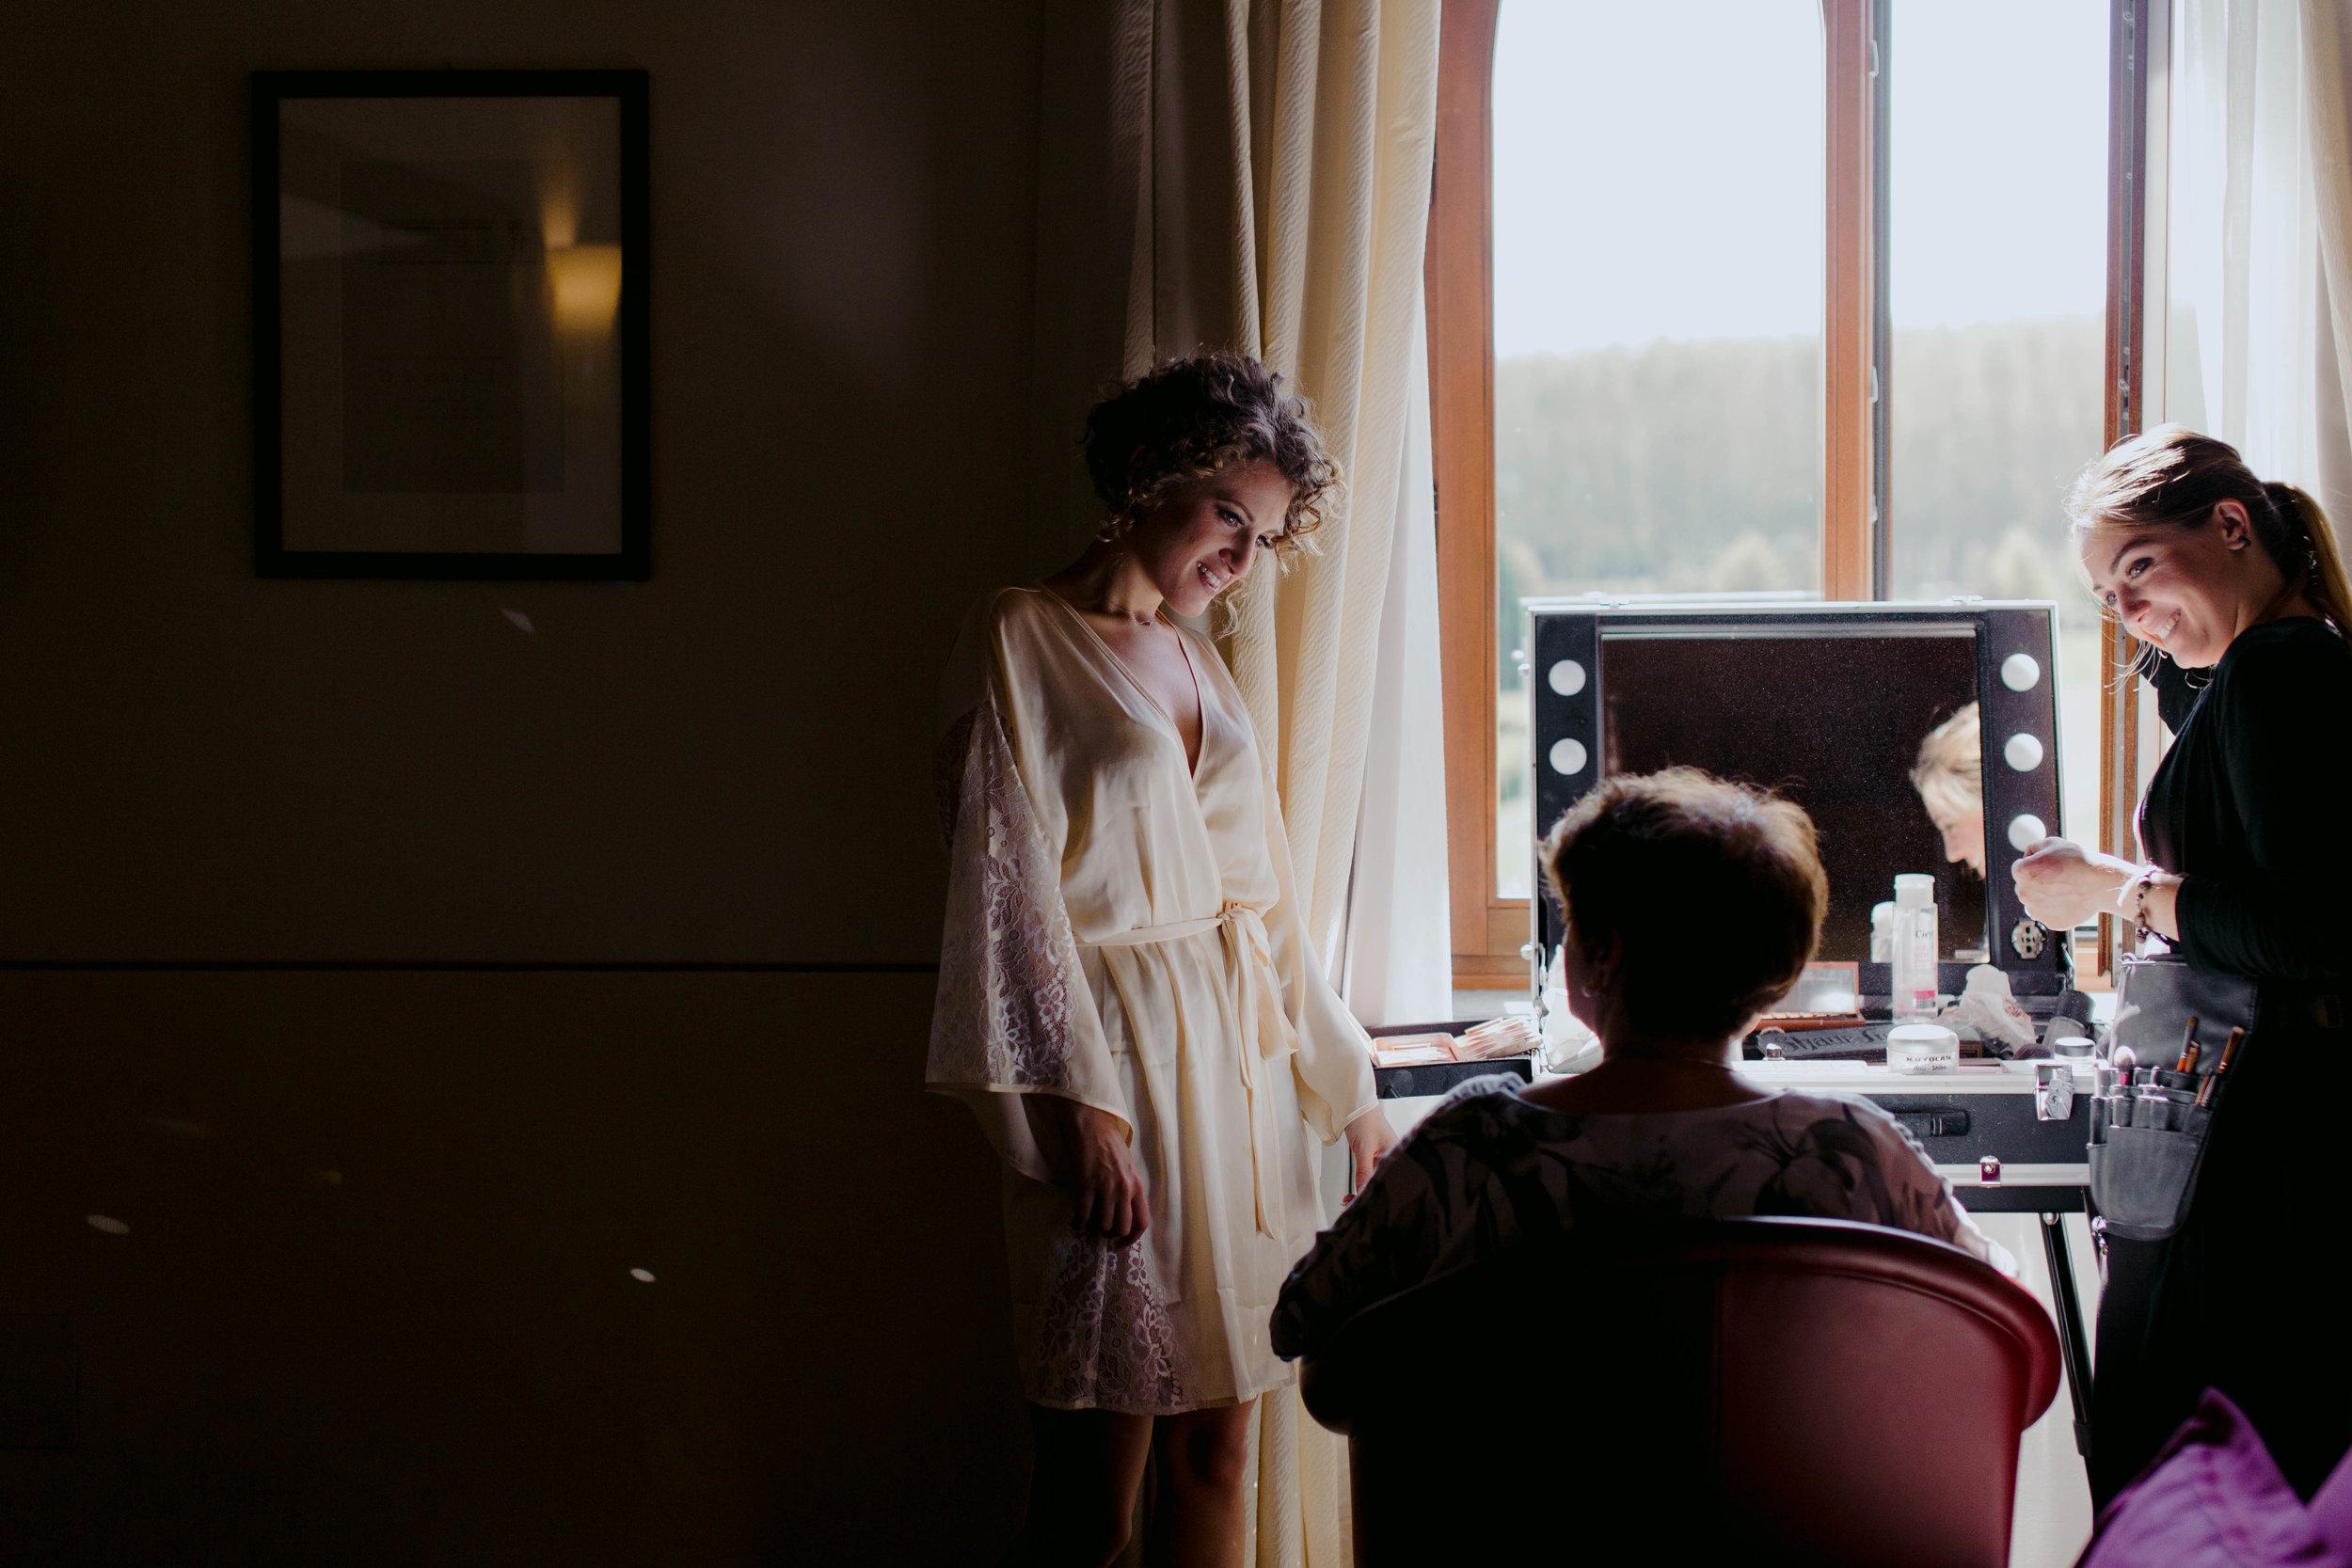 002 - Preparazione sposa.JPG